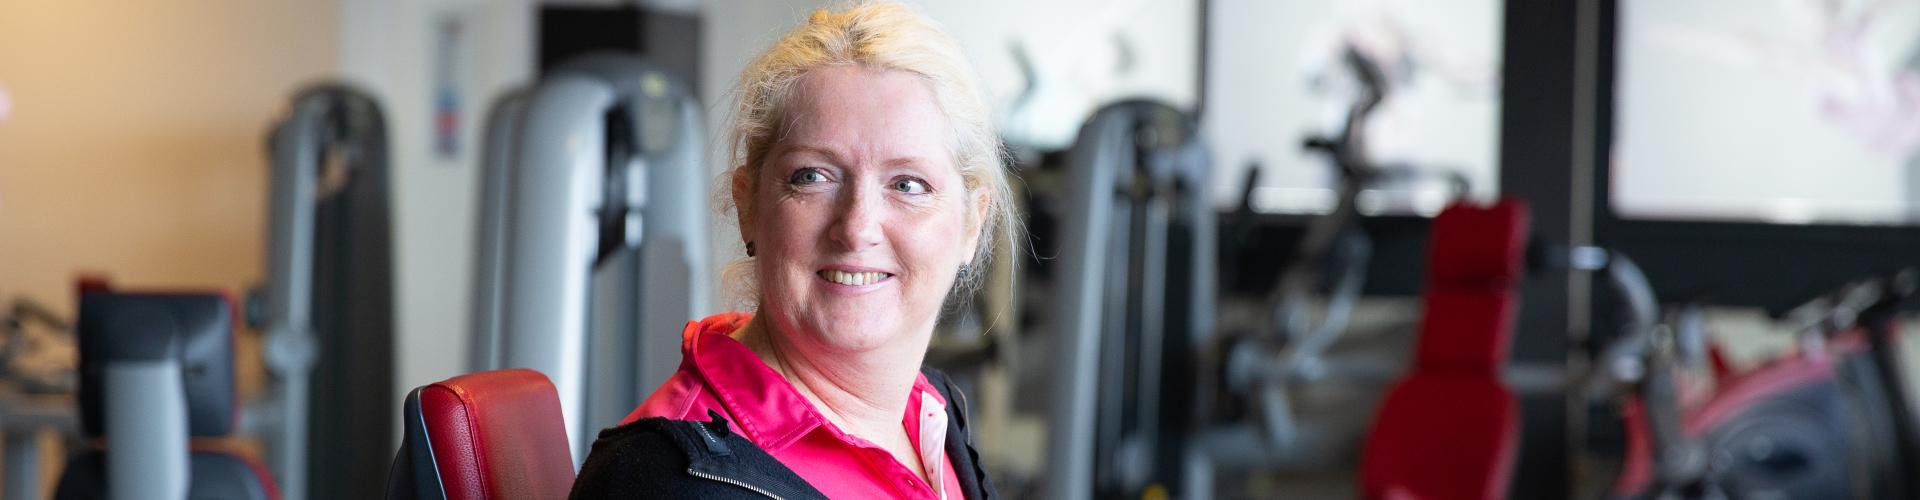 Gewicht verliezen tijdens overgang